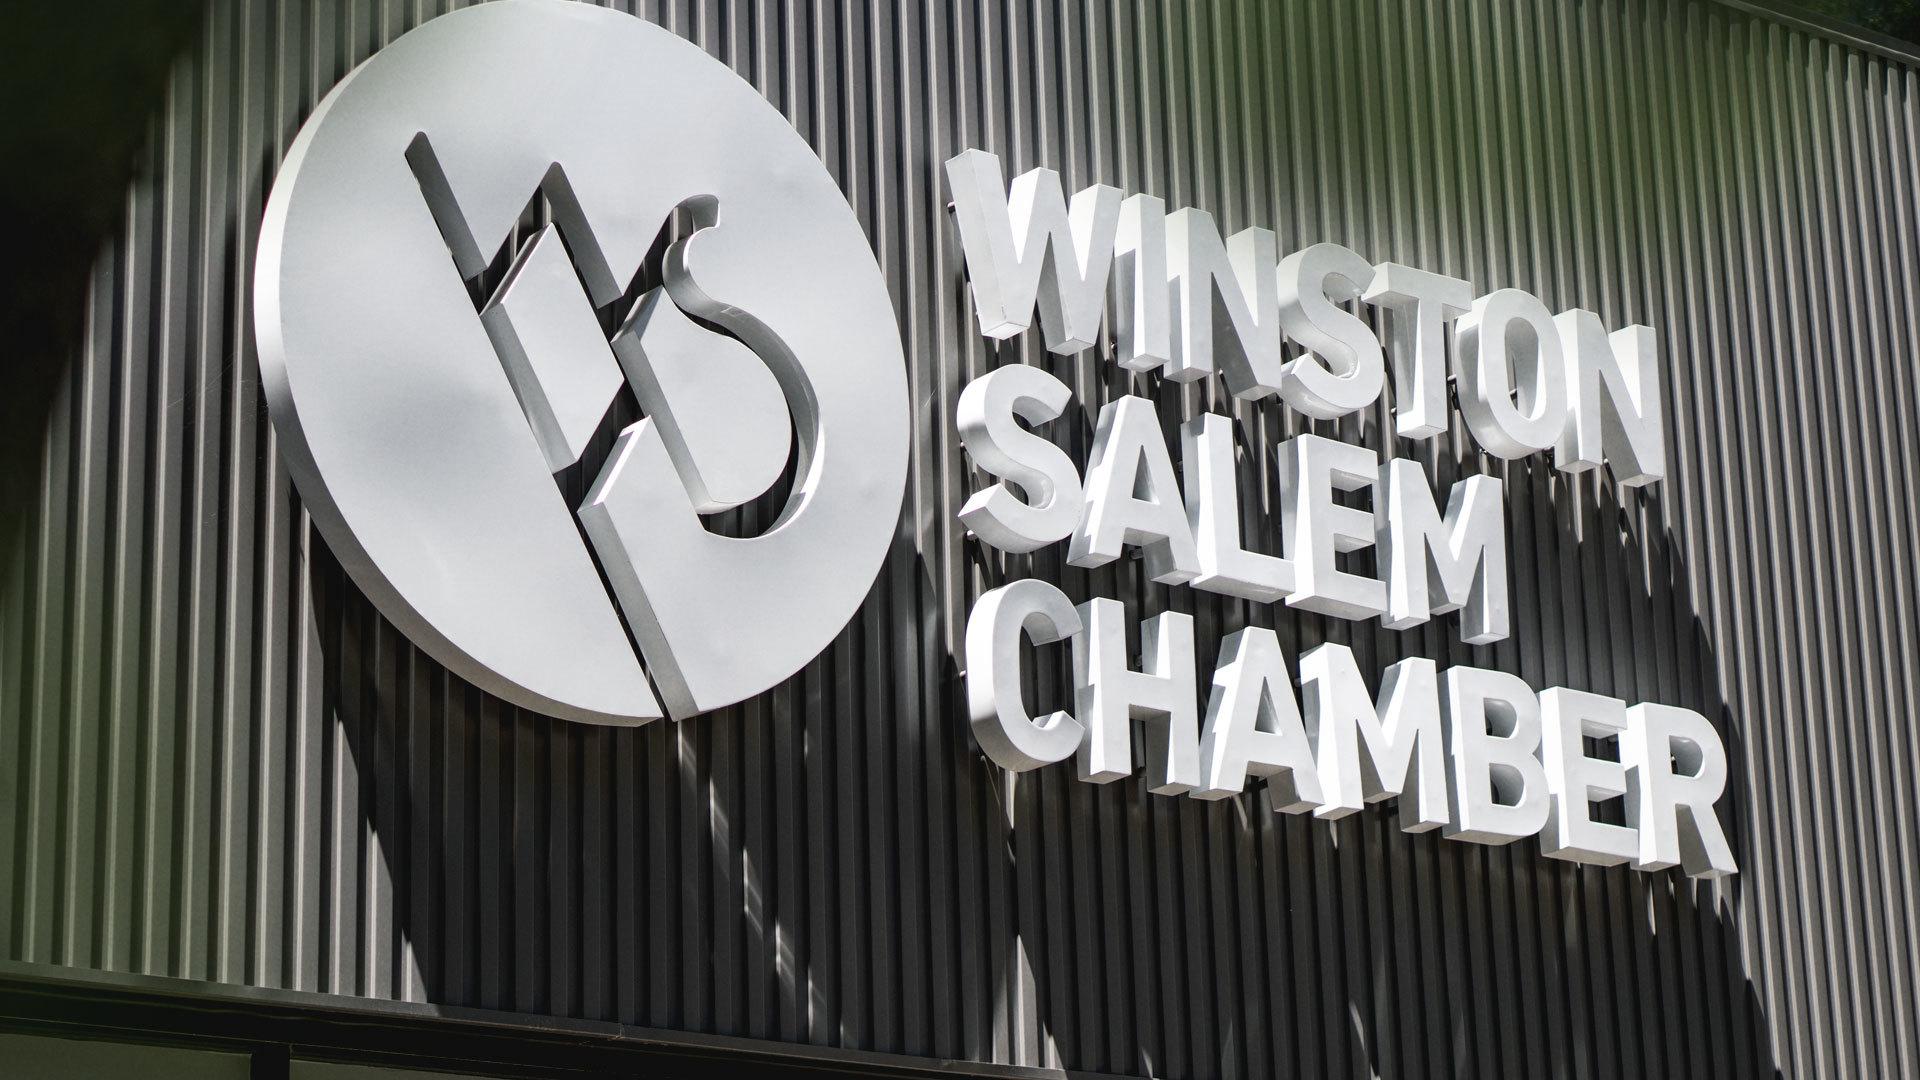 Wscc Exterior Sign